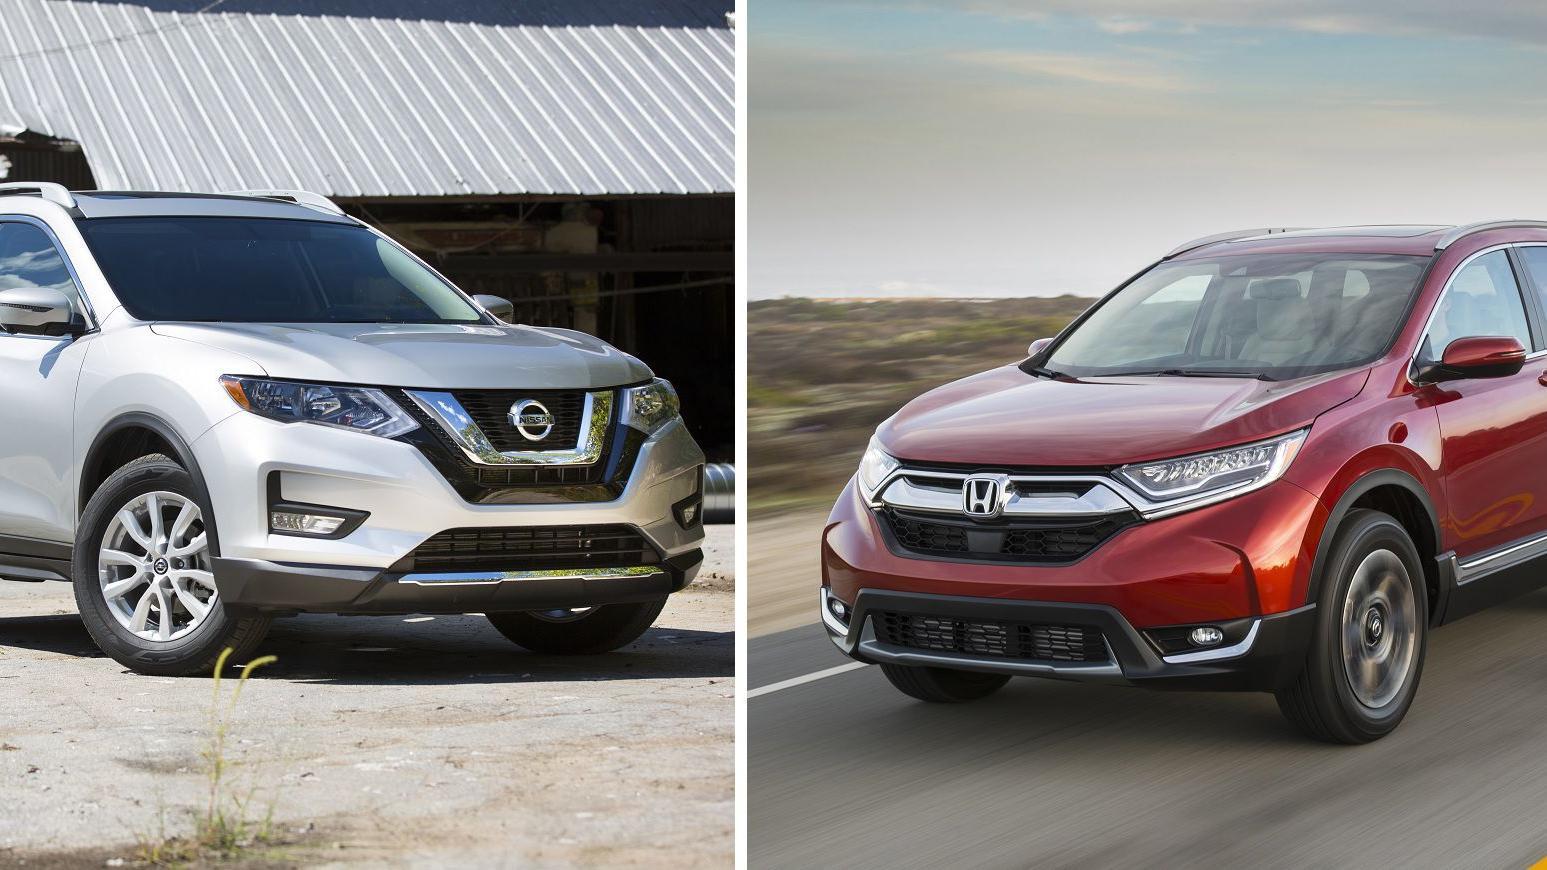 The Honda CR-V vs. the Nissan Rogue